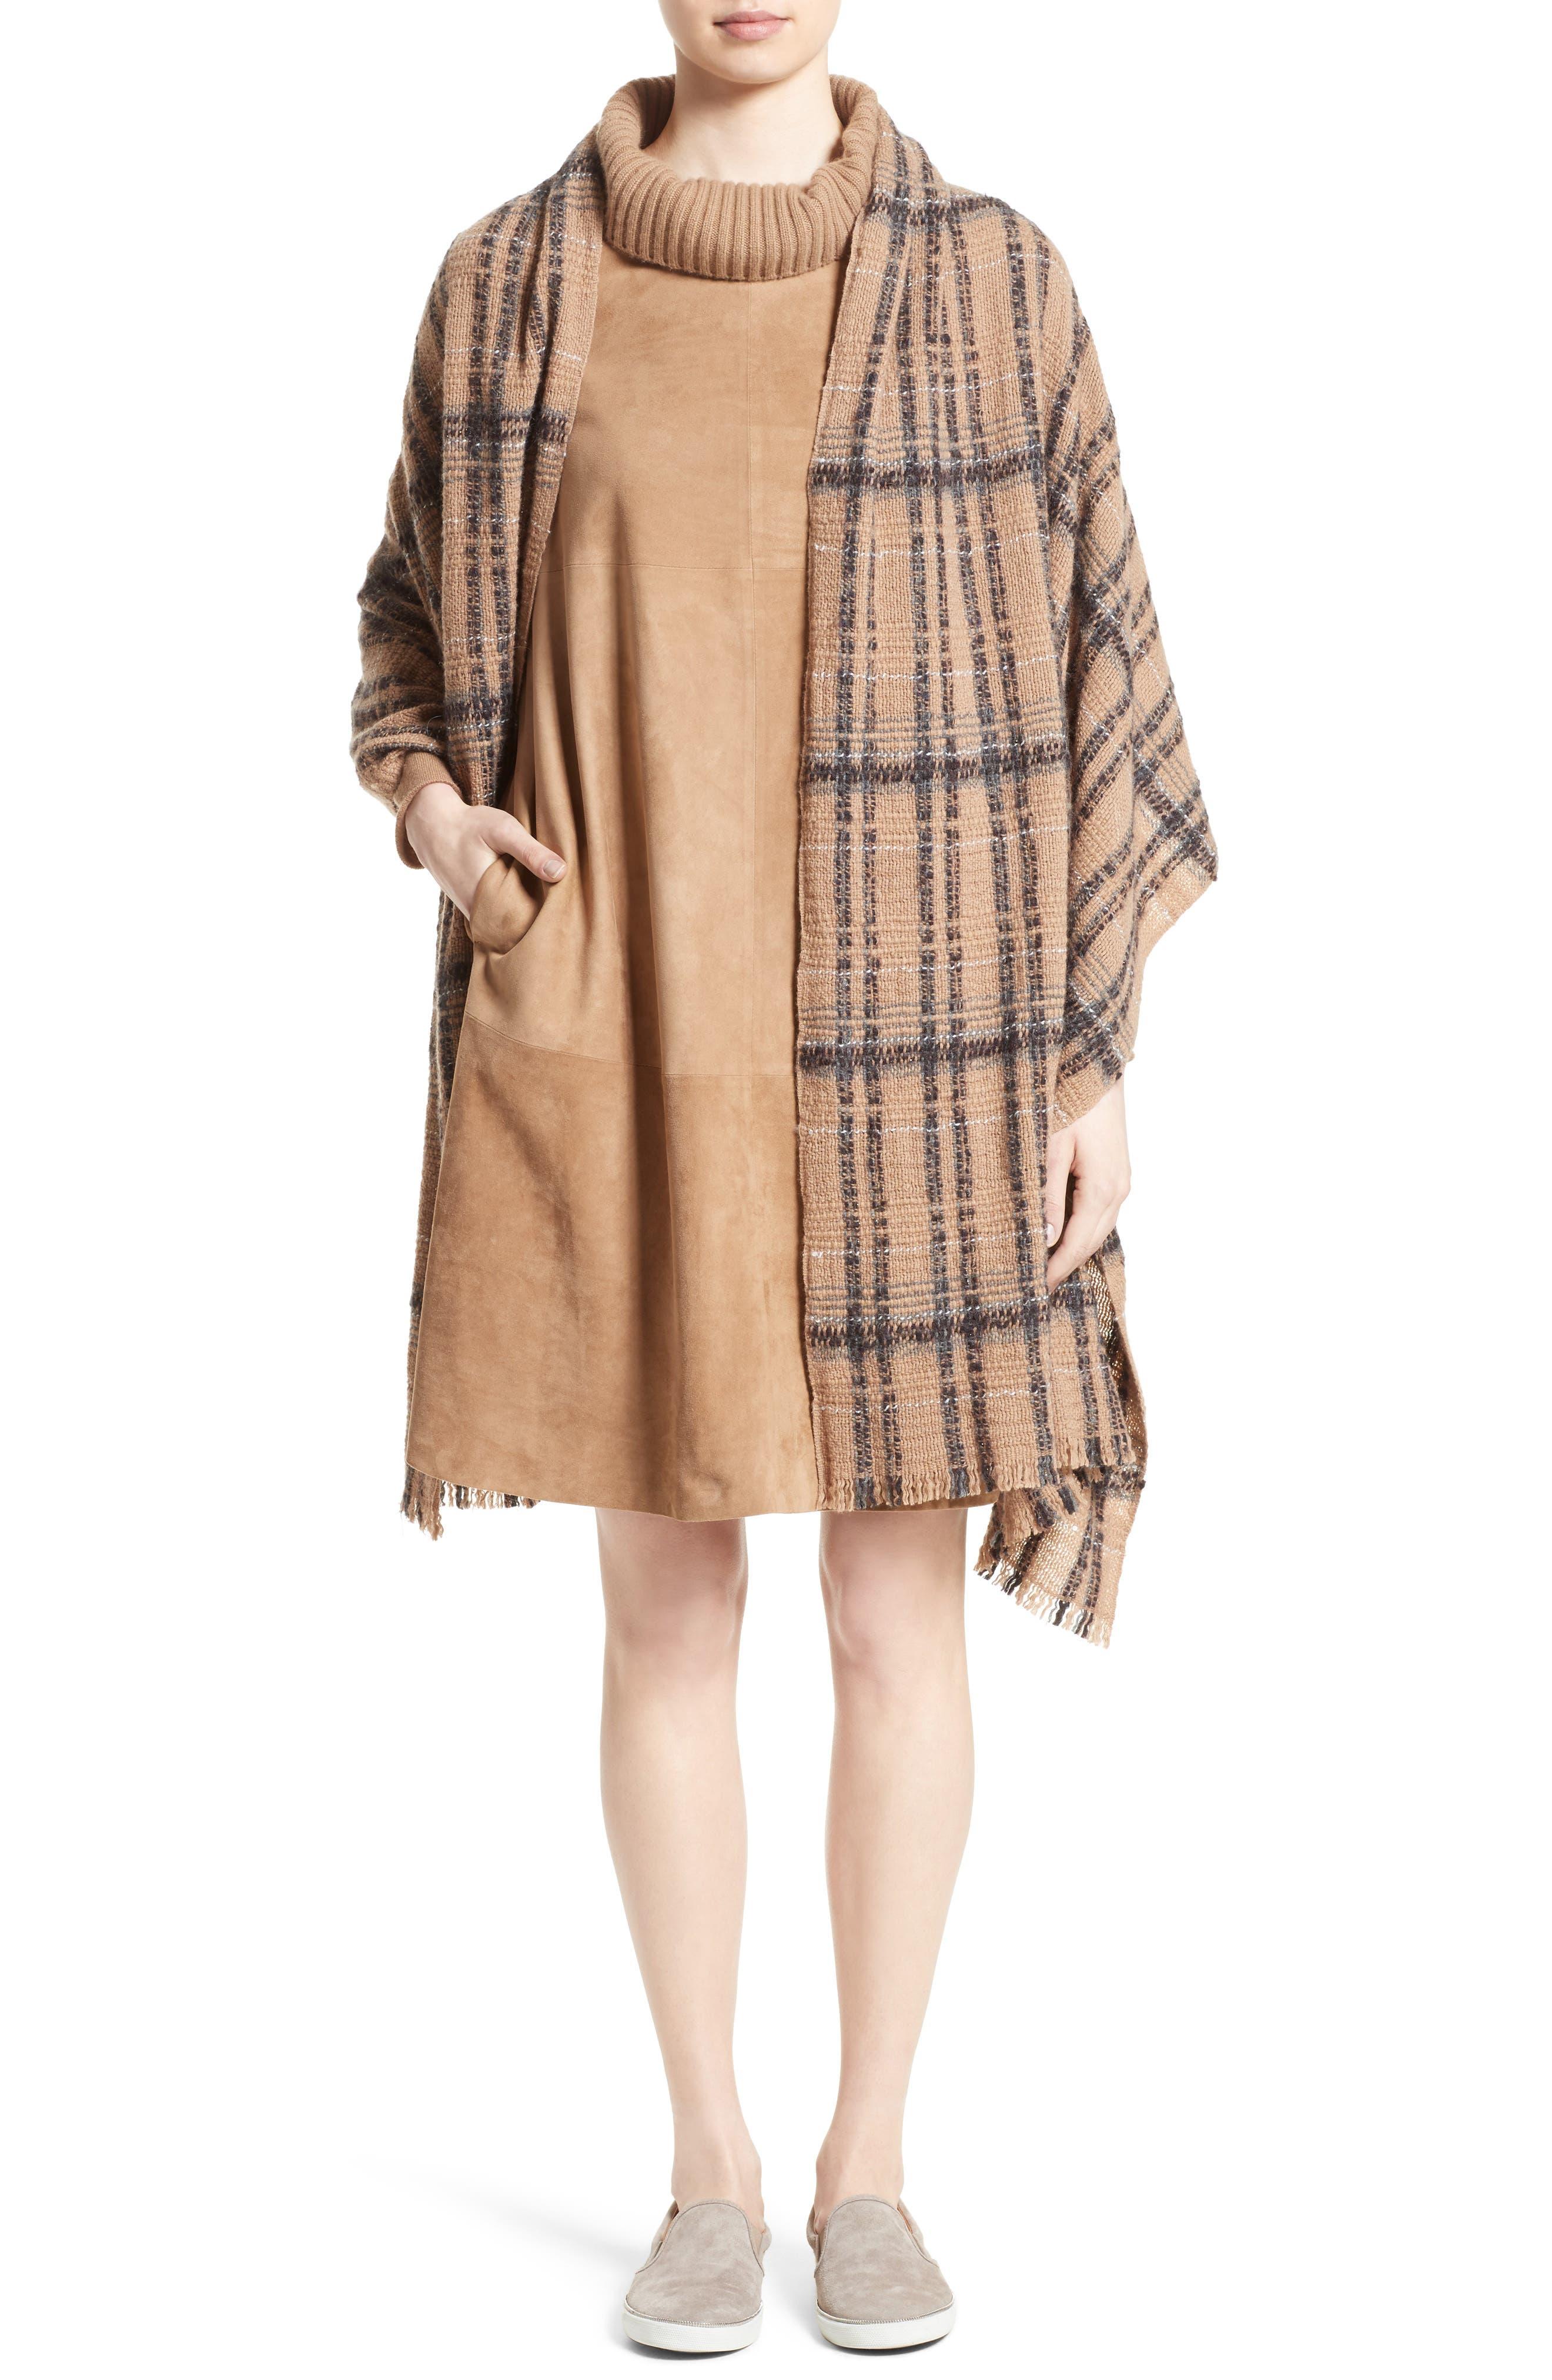 Suede & Cashmere Dress,                             Alternate thumbnail 8, color,                             Camel